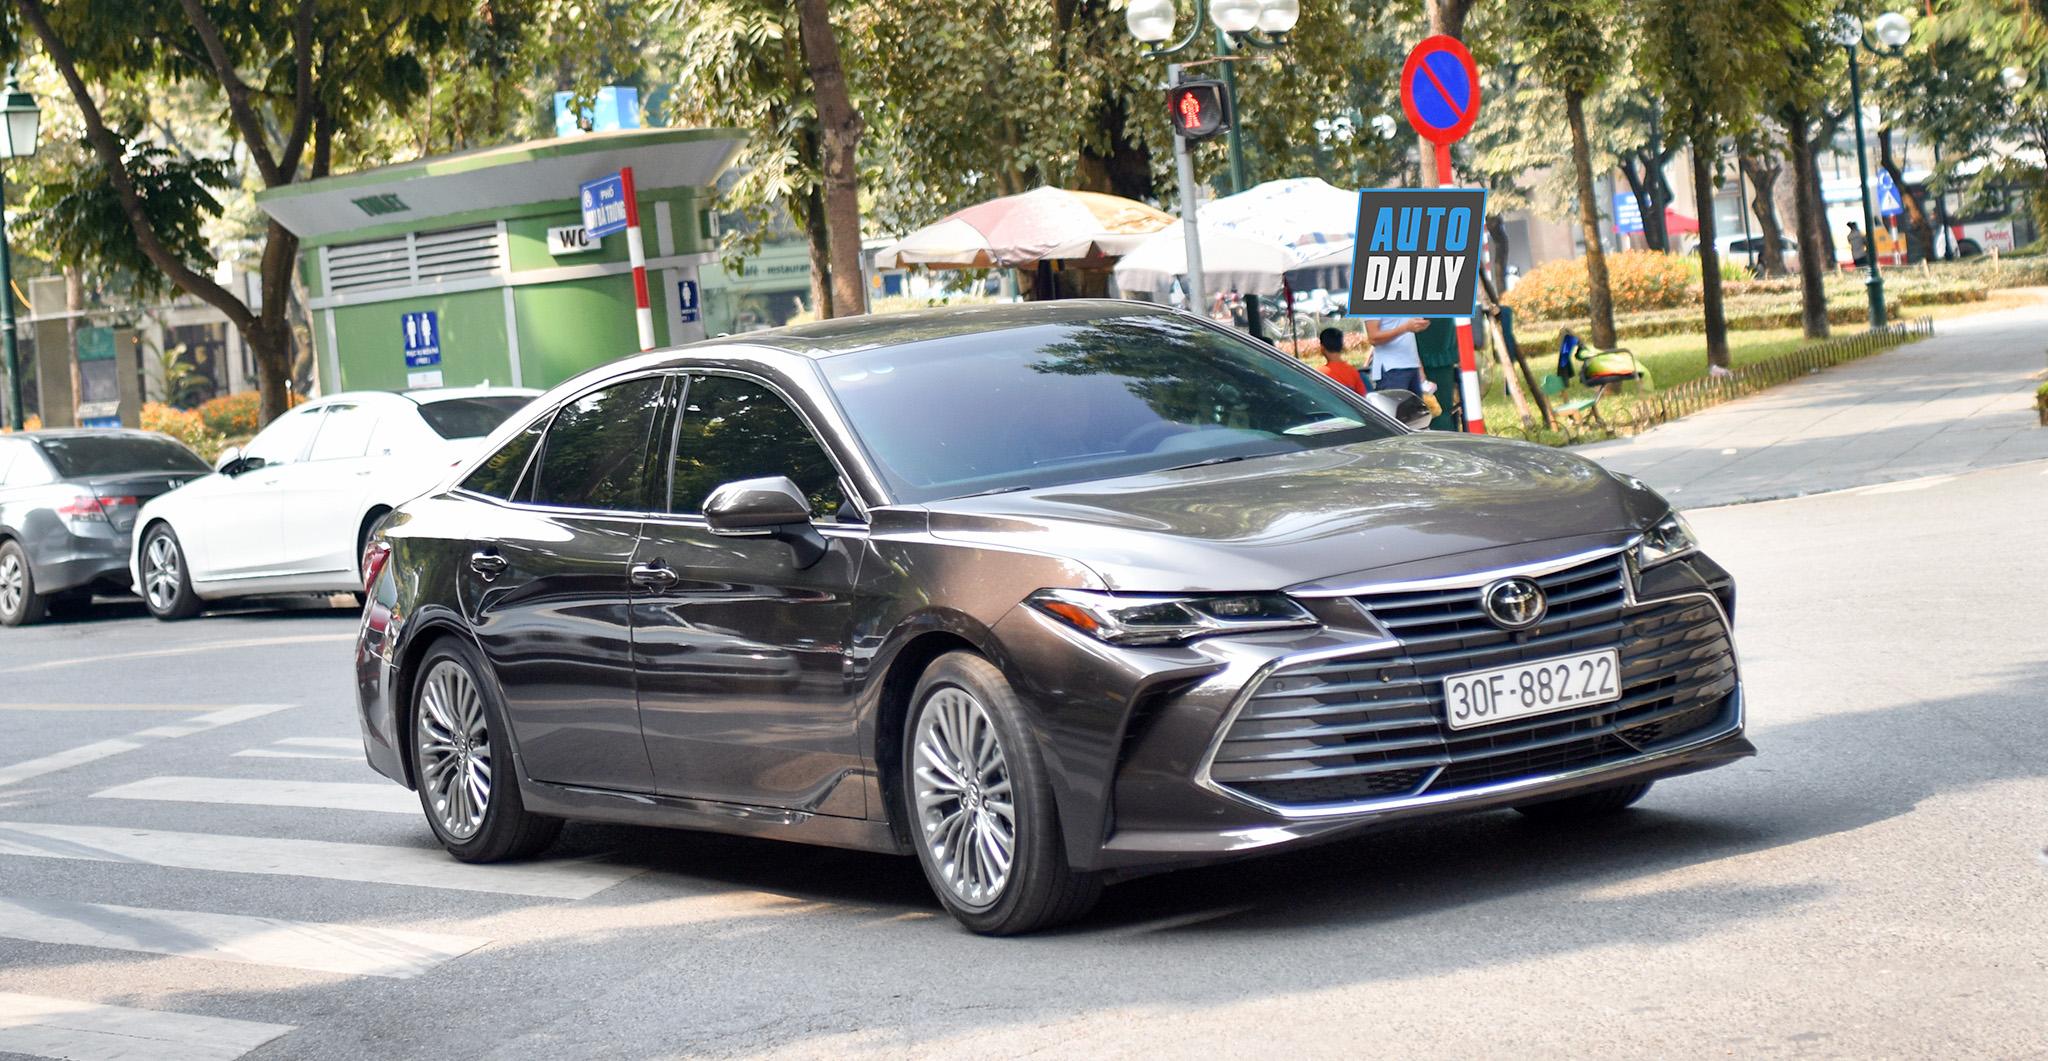 Toyota Avanlon 2019 biển đẹp giá hơn 4 tỷ đồng tại Hà Nội